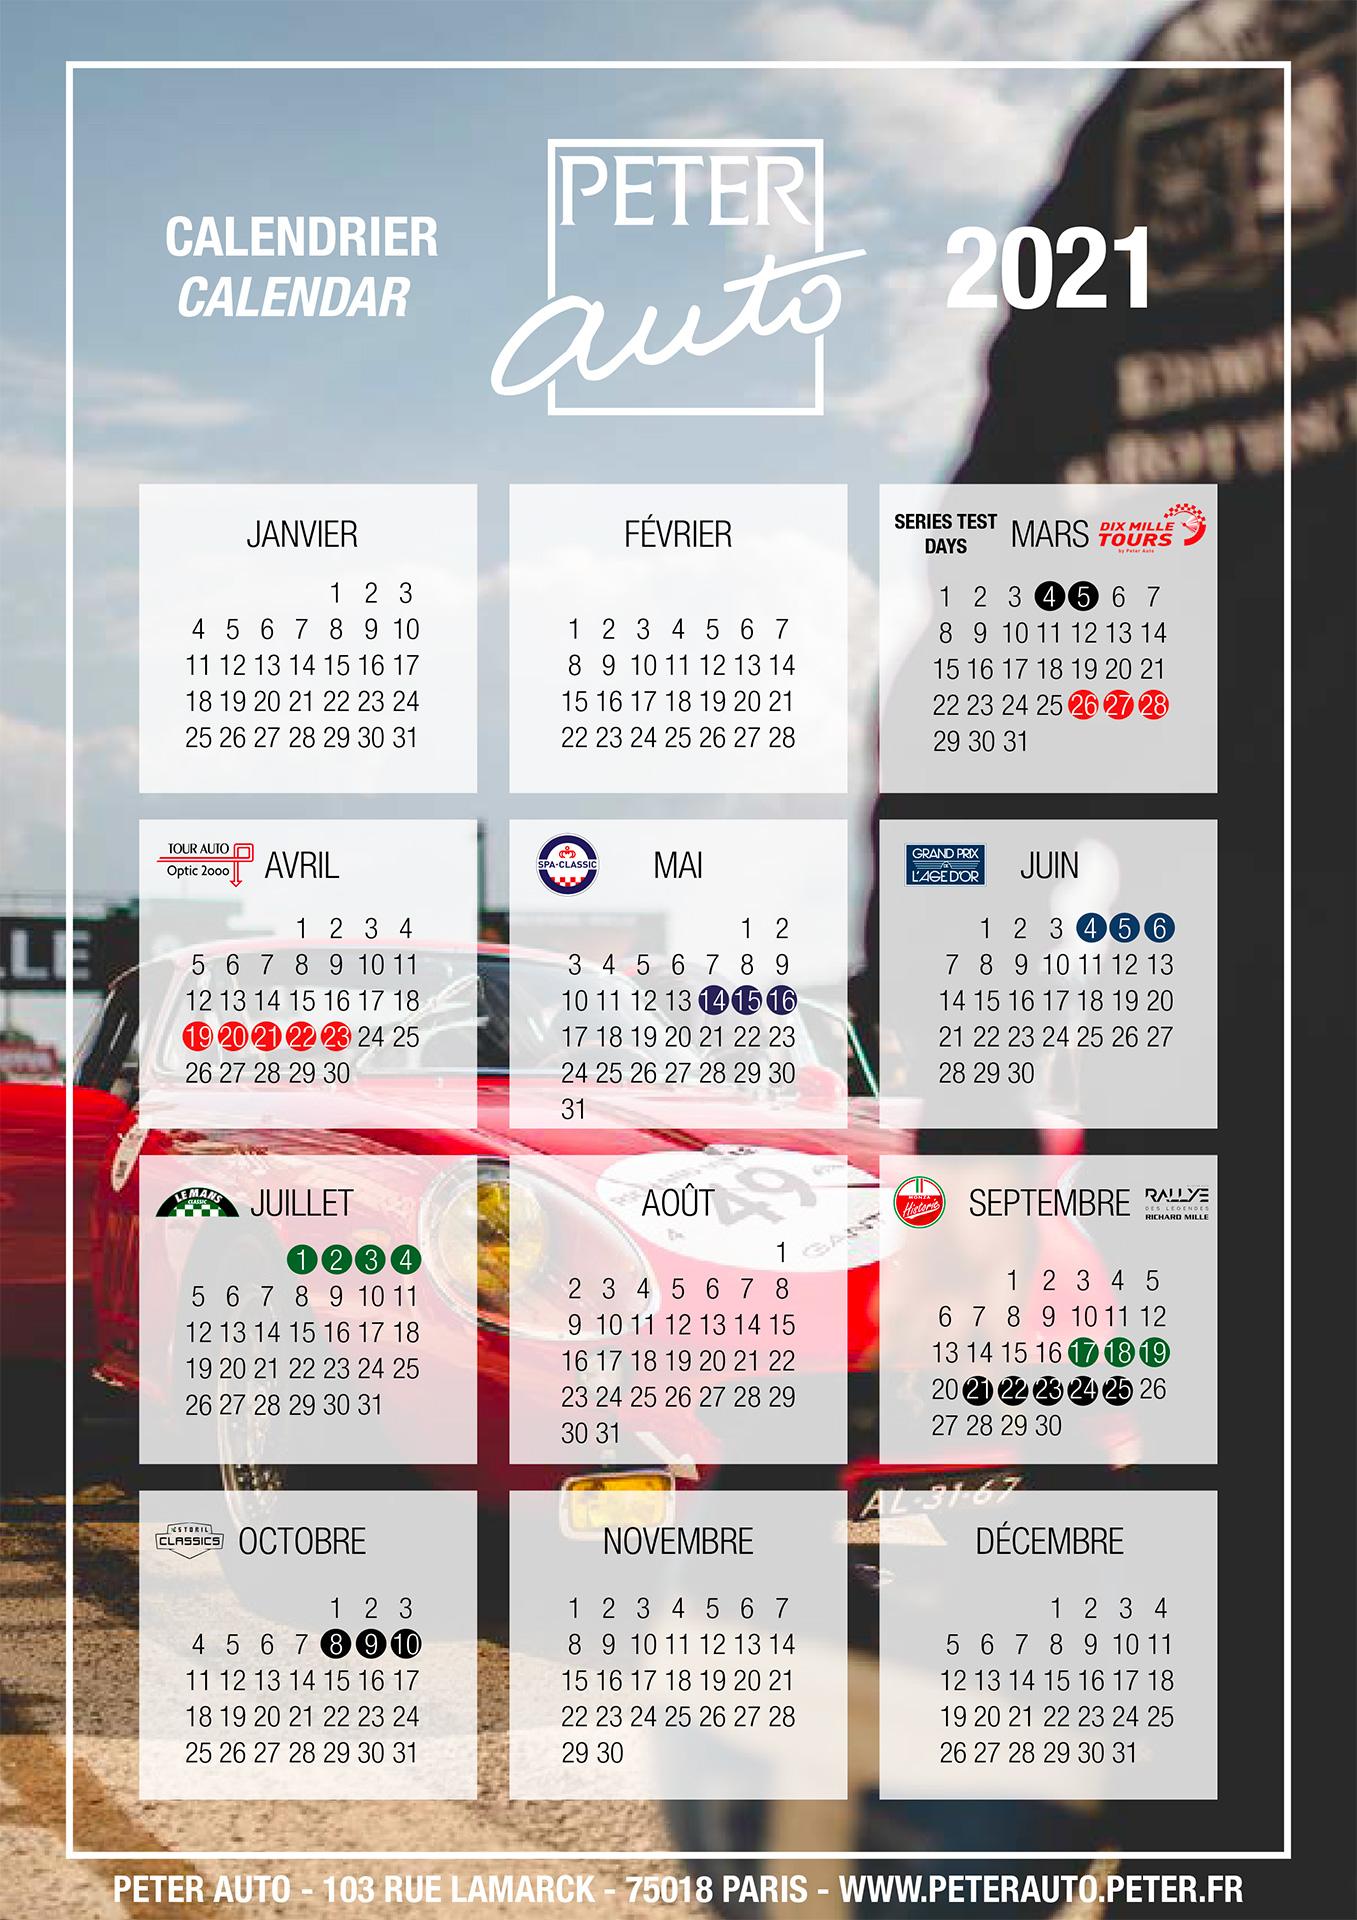 Autres courses   Le calendrier Peter Auto 2021 annoncé avec Le